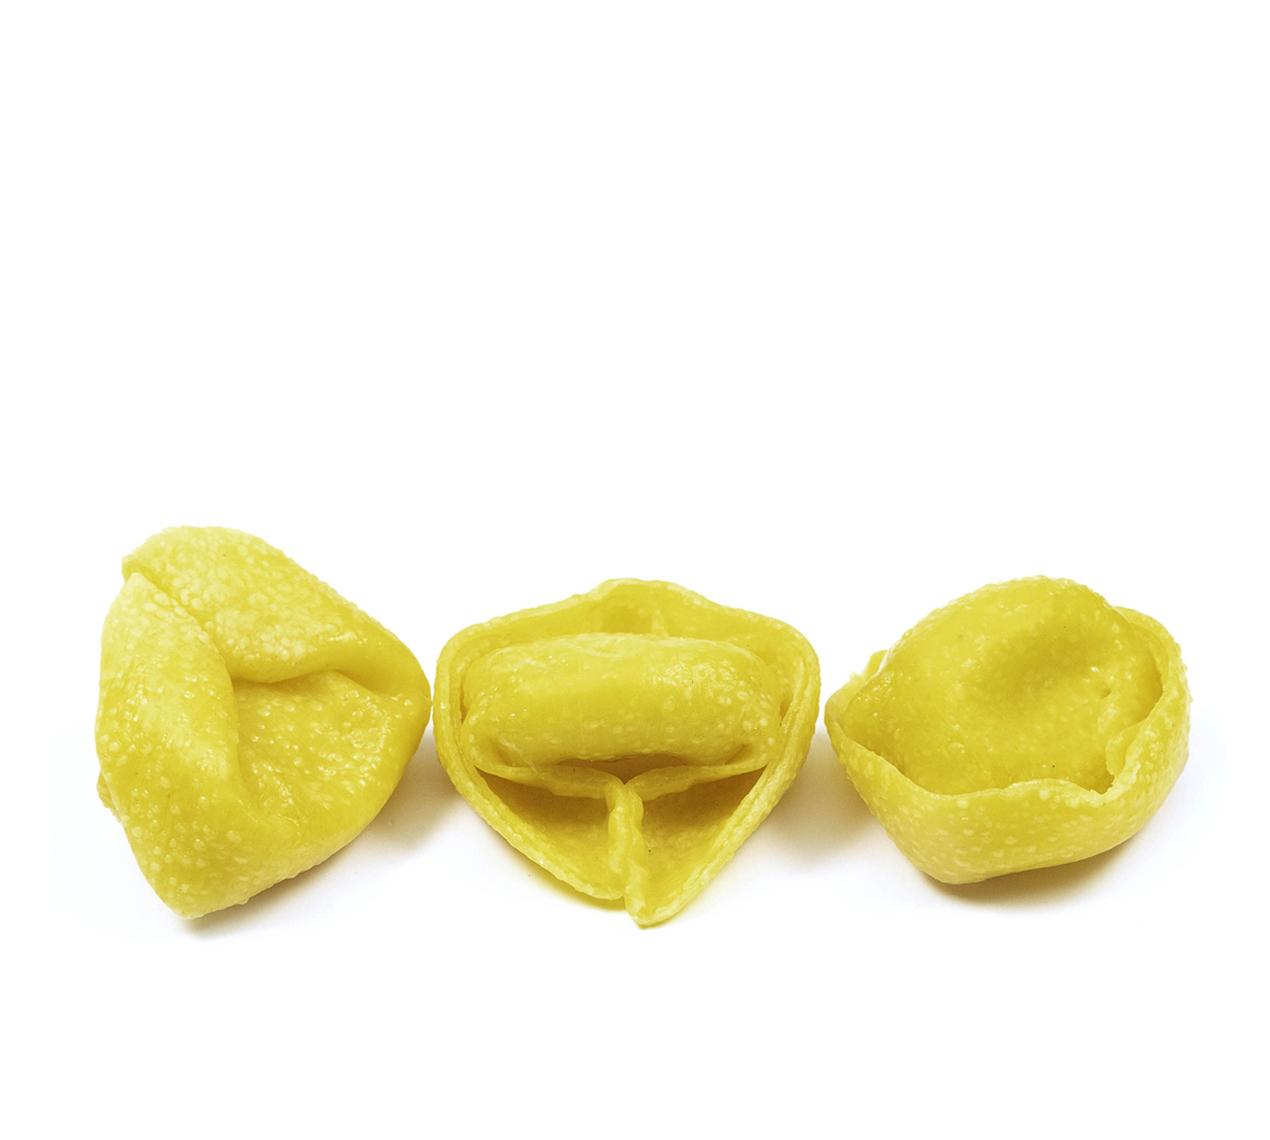 Pastificio_La_Fenice_pasta_fresca_pasta_surgelata_cappelletti_romagnoli_al_formaggio_con_sale_dolce_di_cervia